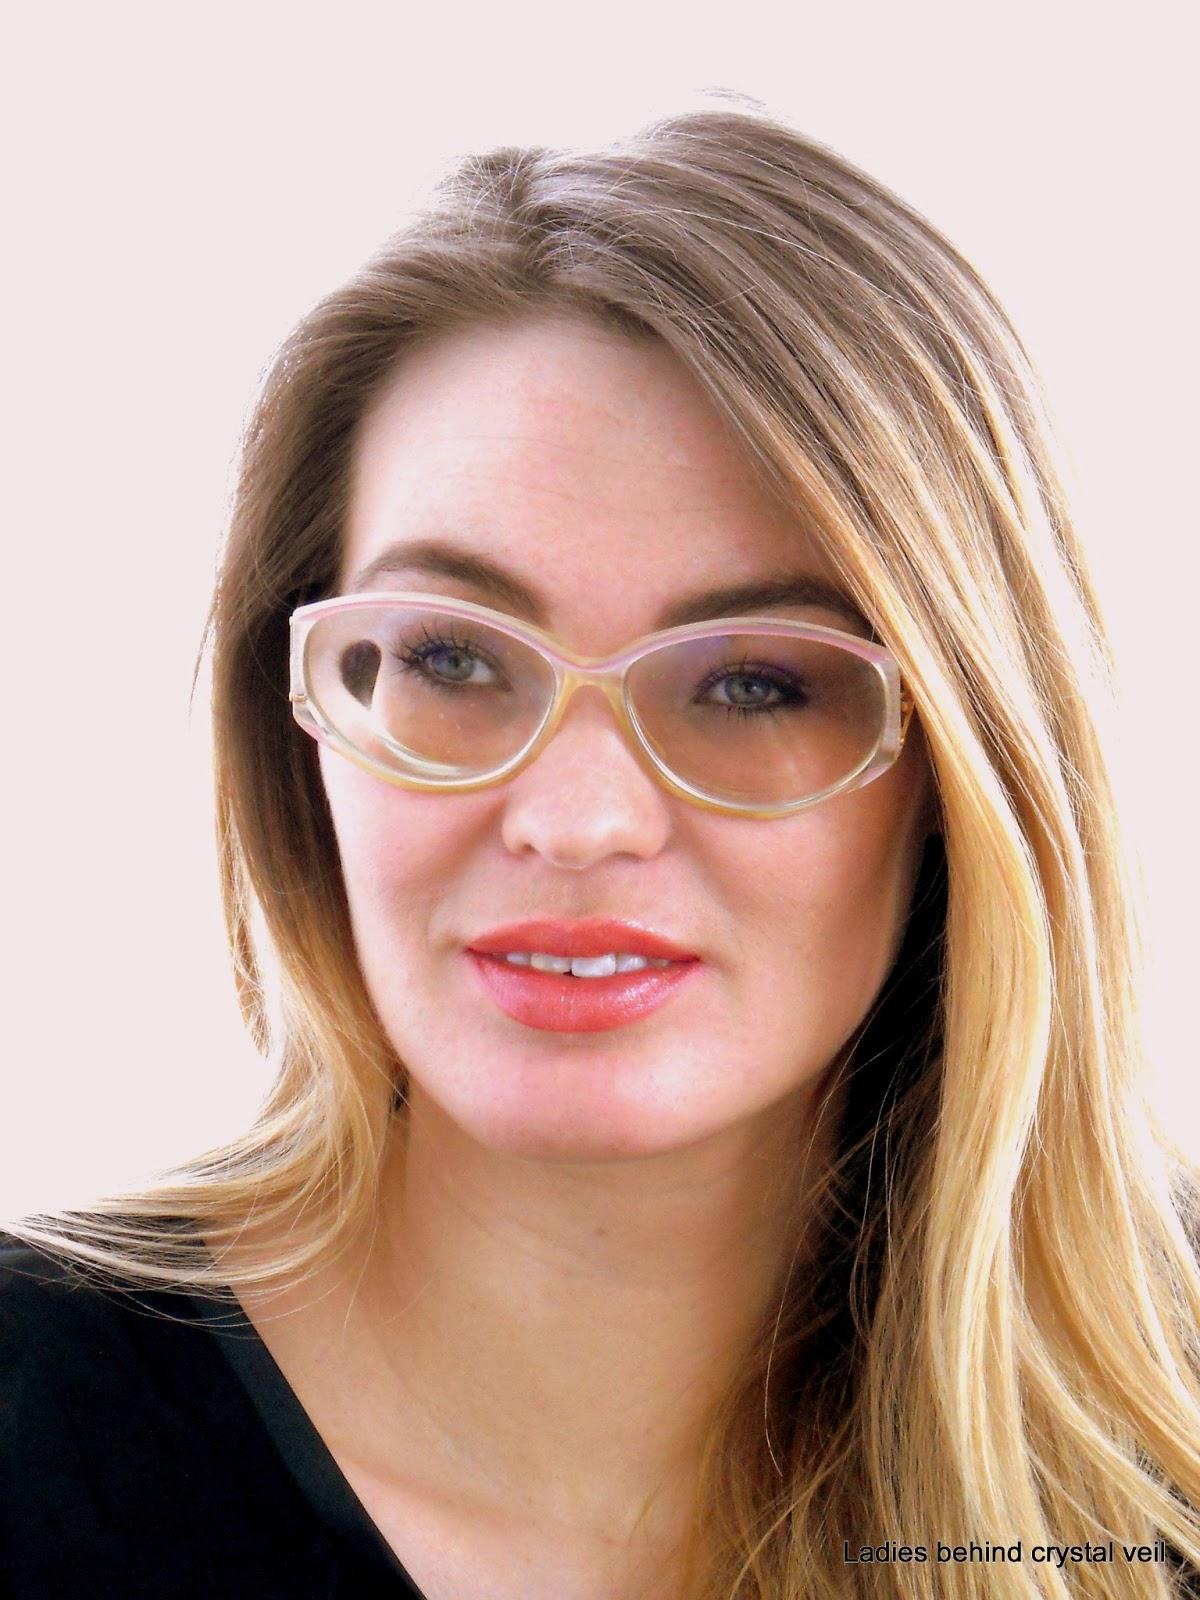 Blended Myodisc Glasses